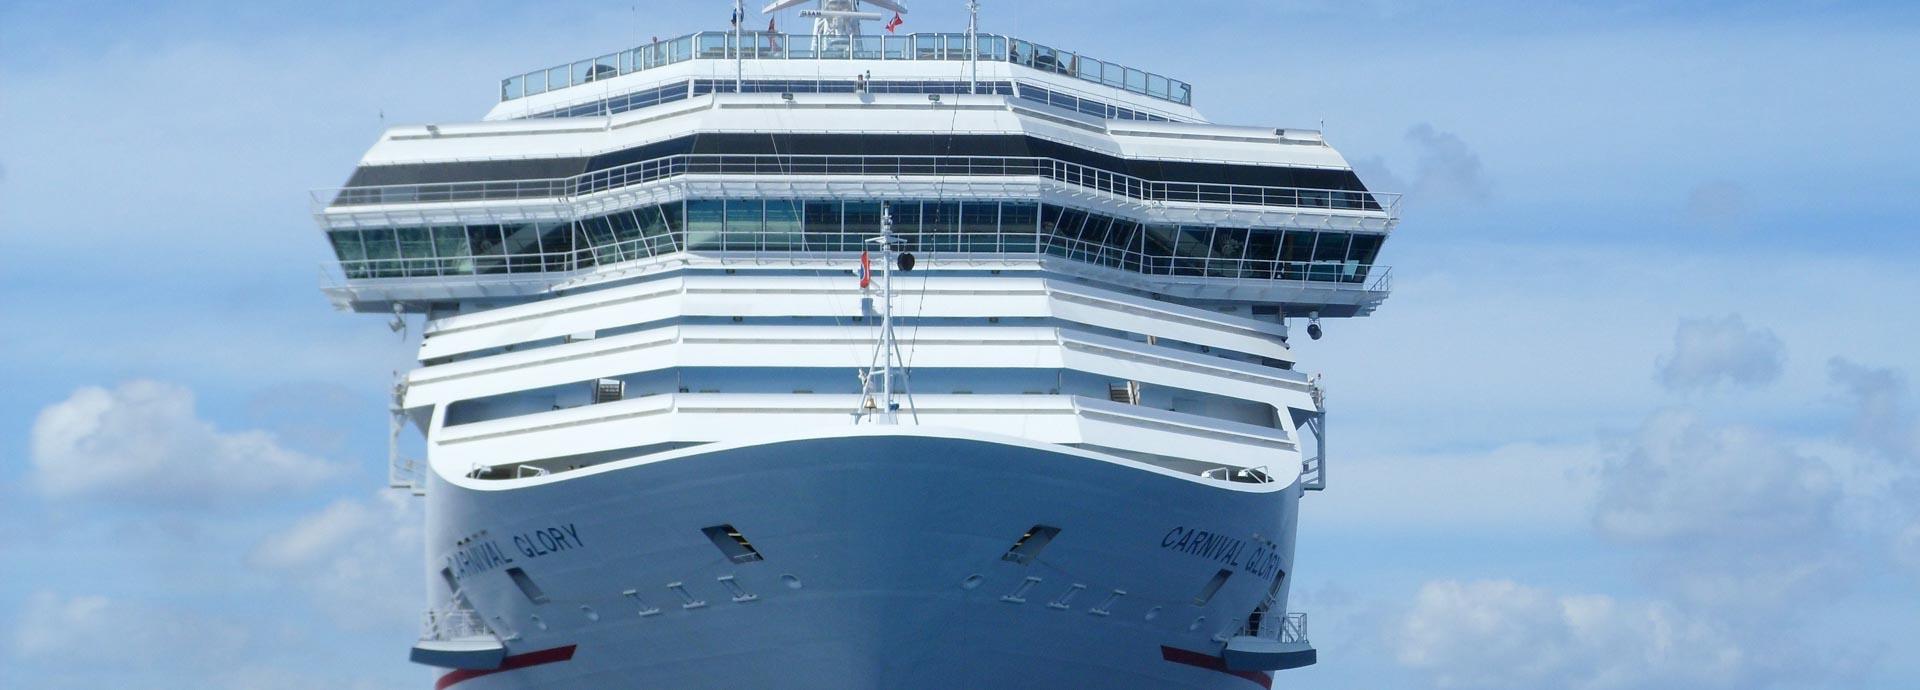 Cruise_ship_main